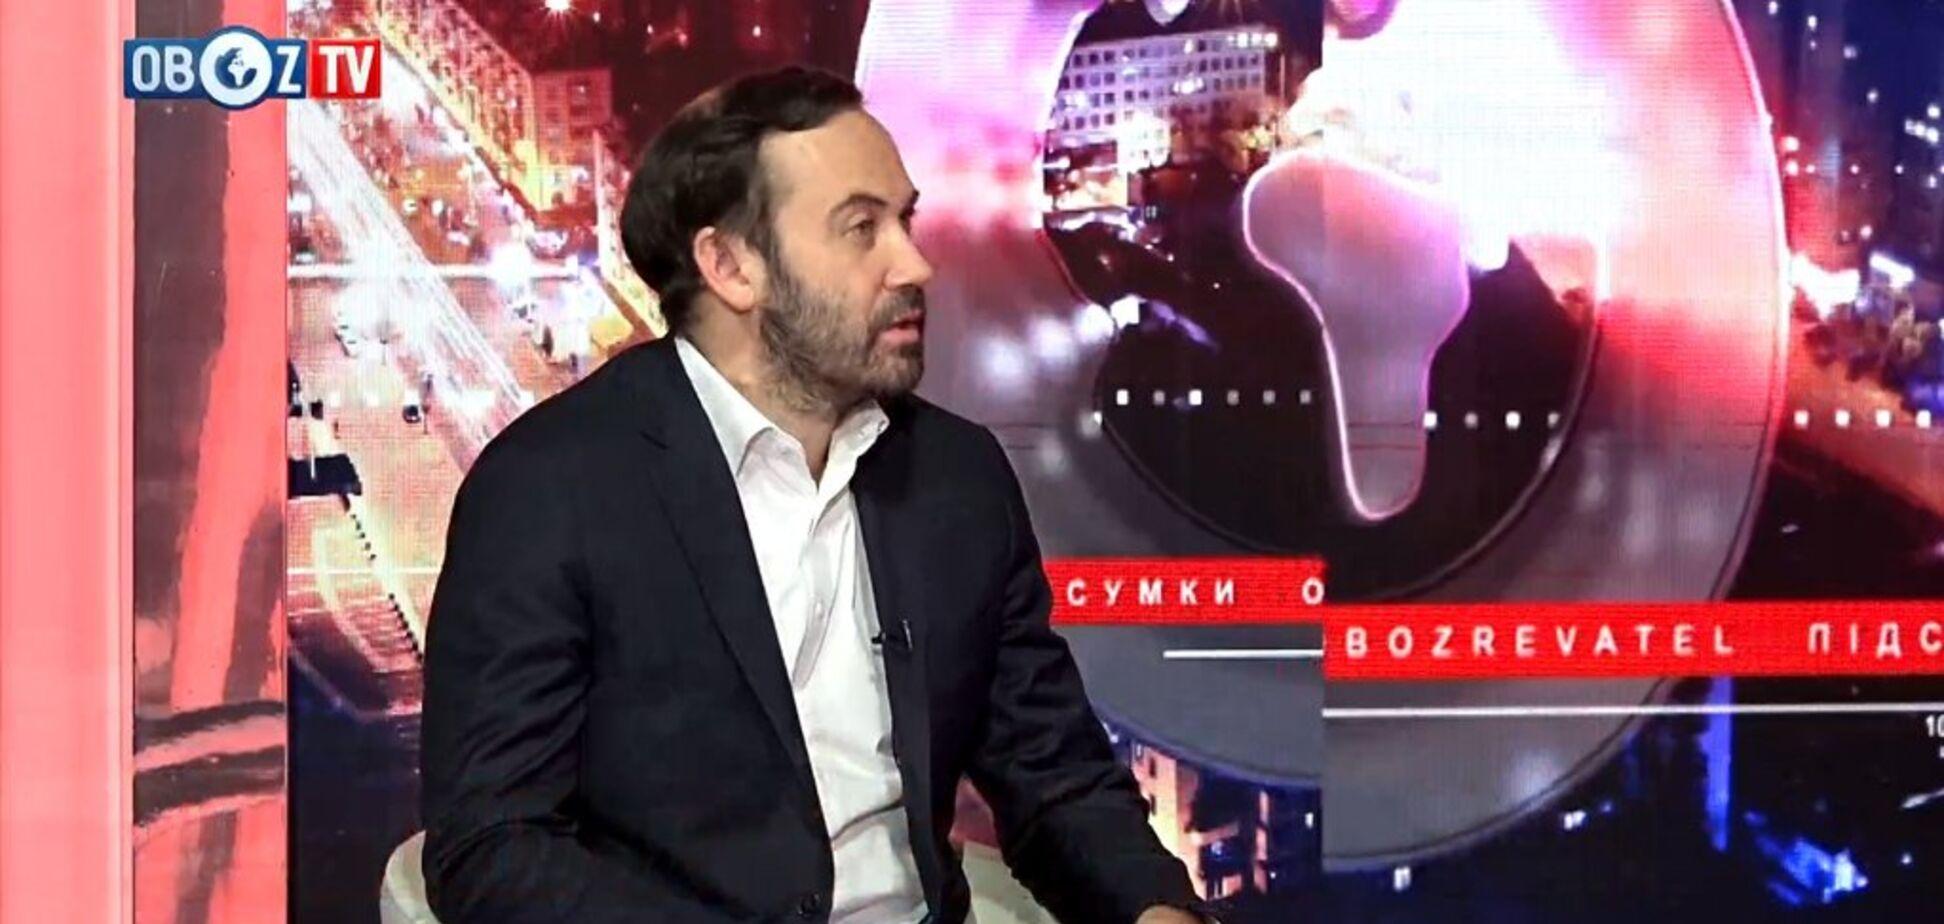 В протестах в Москве виноват Собянин: мнение оппозиционера